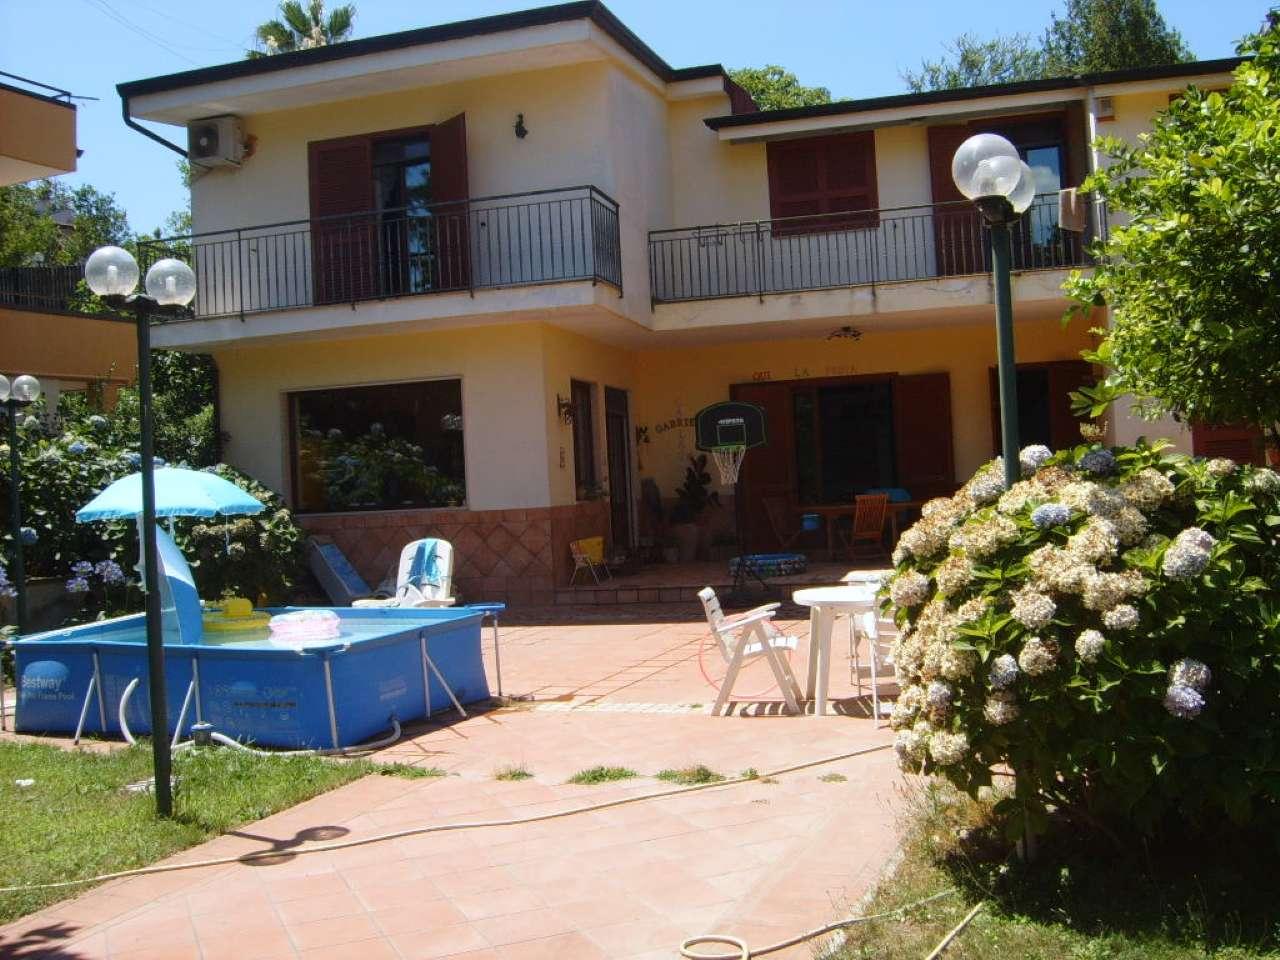 Villa in vendita a Marano di Napoli, 7 locali, prezzo € 450.000 | CambioCasa.it